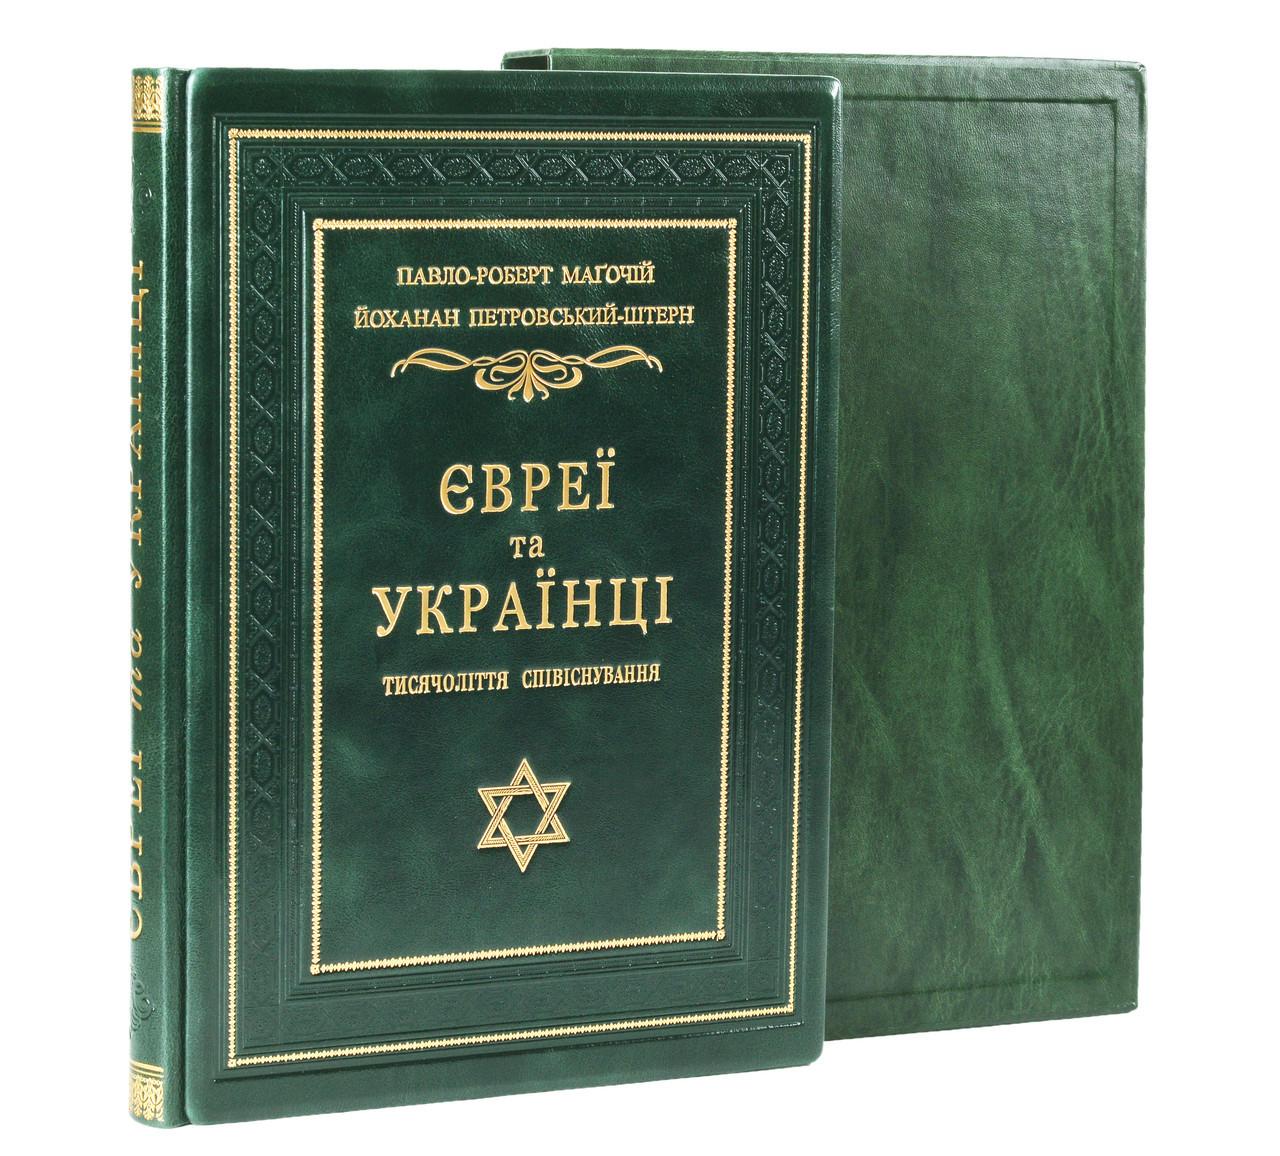 Євреї та українці тисячоліття співіснування. Подарункове видання в шкіряній палітурці і шкіряному футлярі